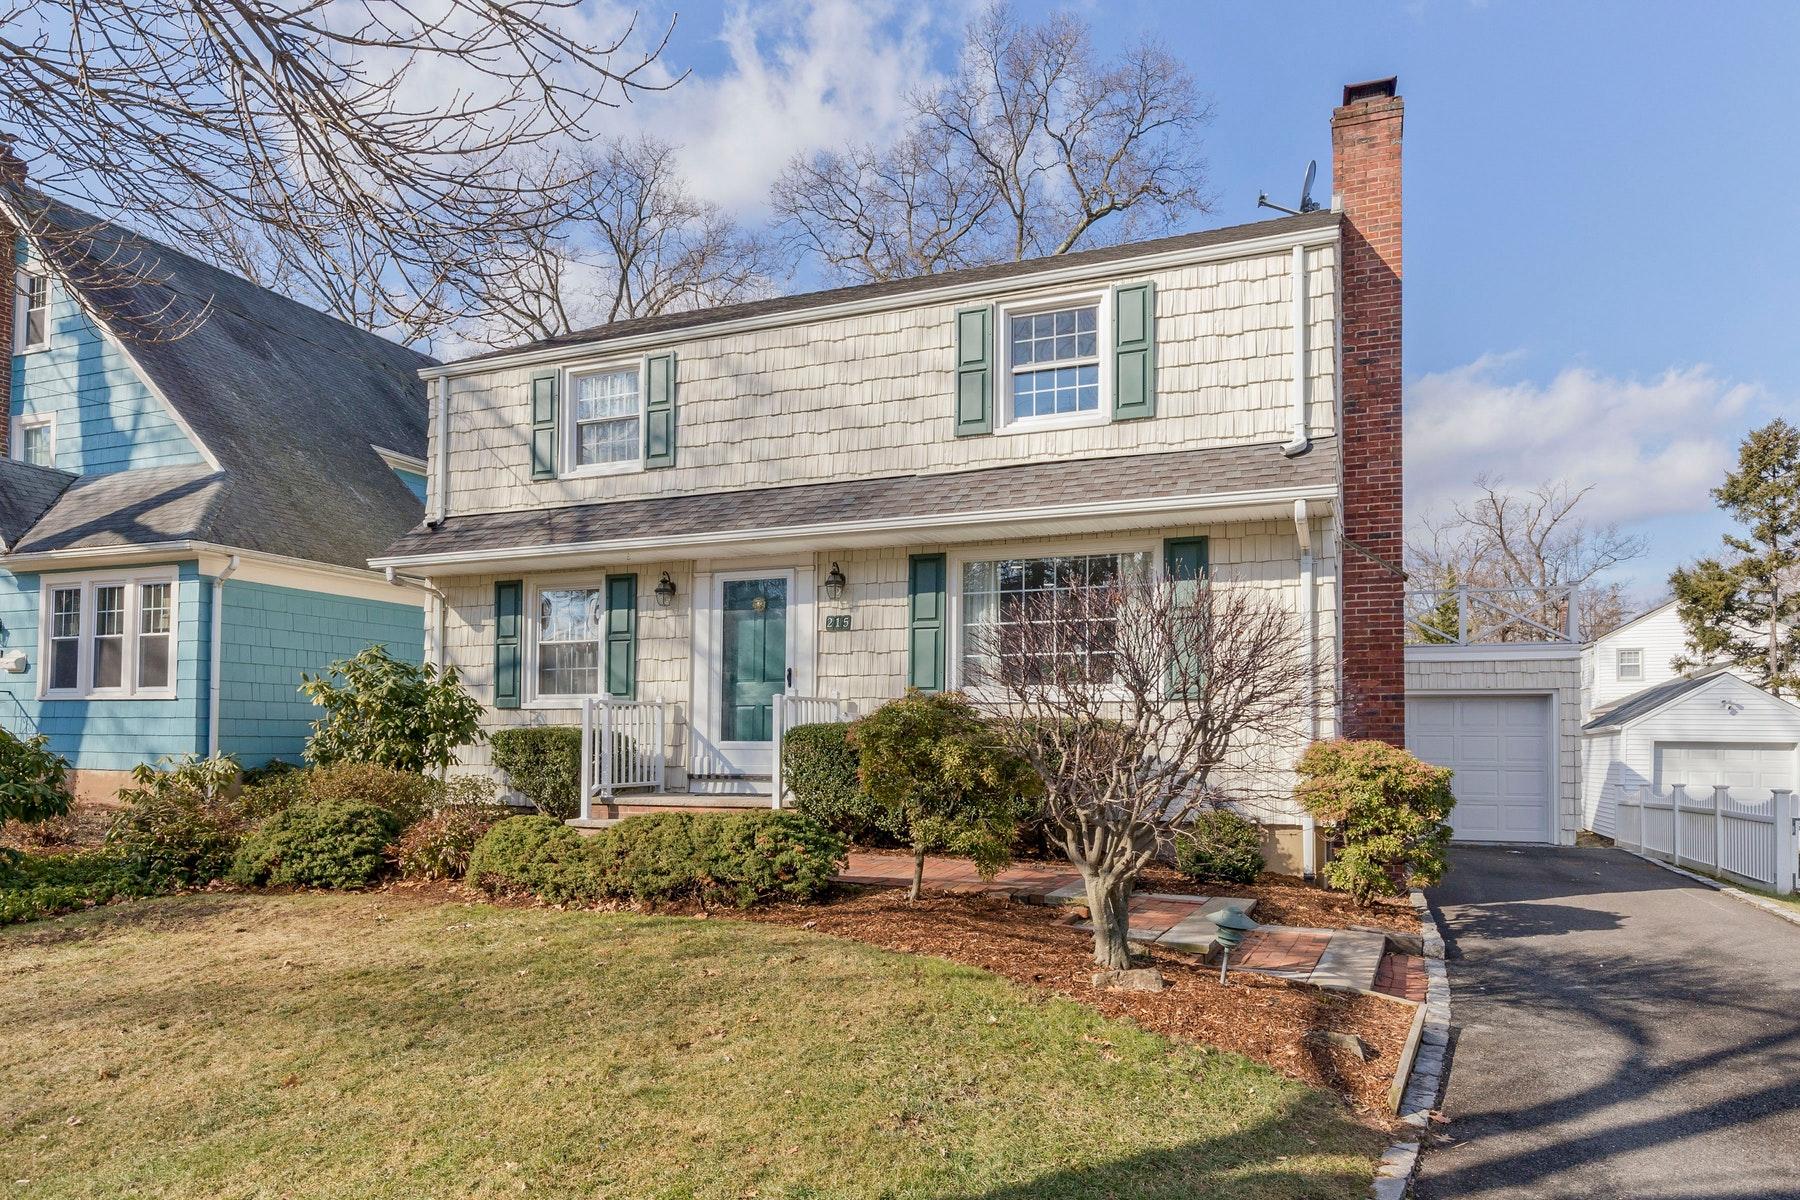 Частный односемейный дом для того Продажа на Live Bright 215 Herbert Ave, Fanwood, Нью-Джерси 07023 Соединенные Штаты